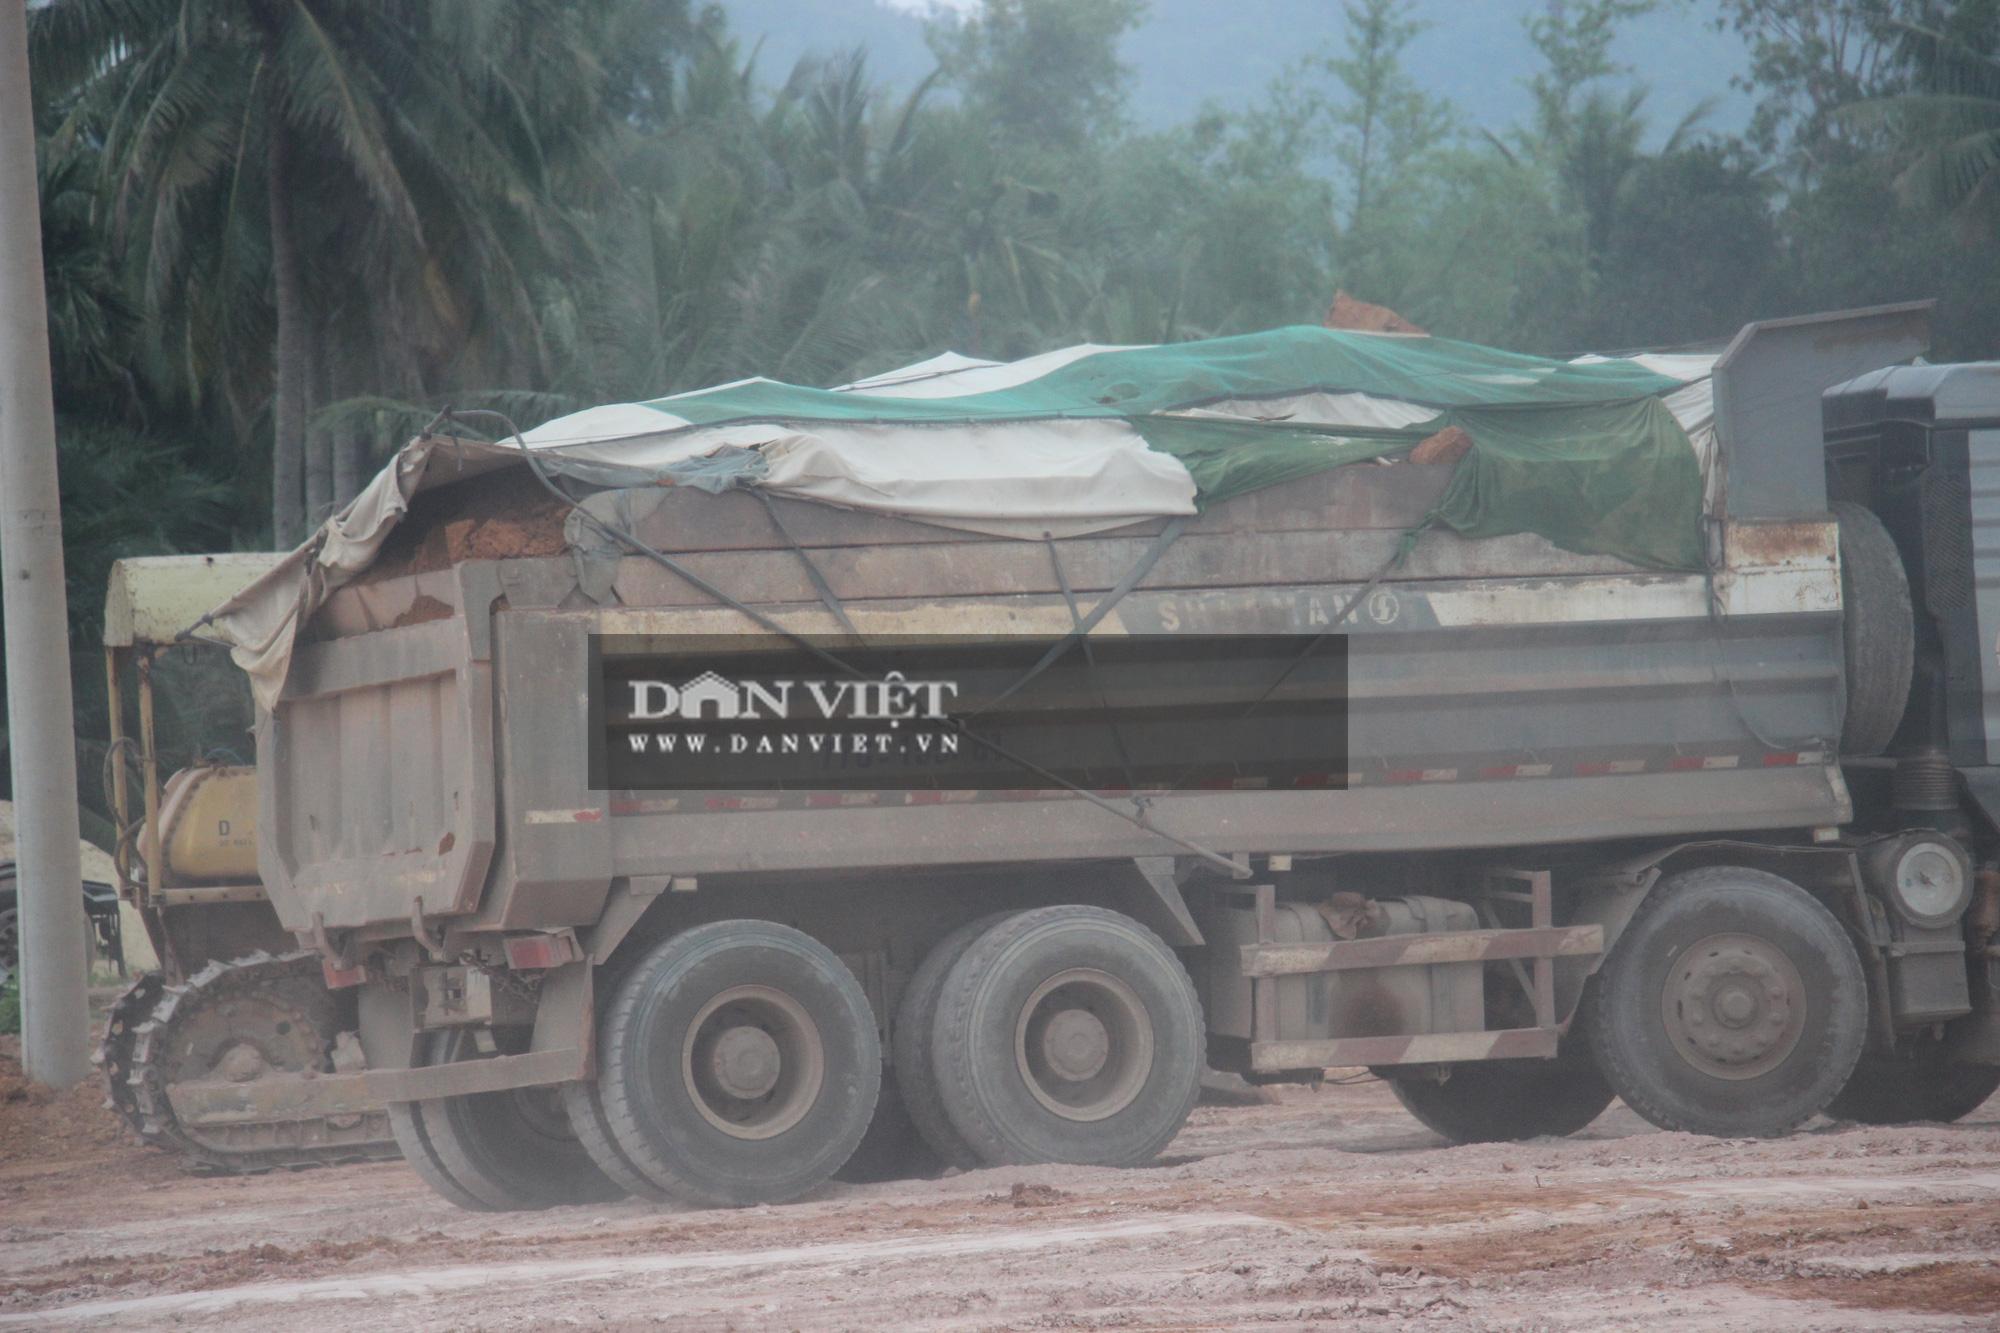 """Bình Định: Đoàn xe hổ vồ """"siêu tải"""" Bá Sanh Đường tung hoành - Ảnh 10."""